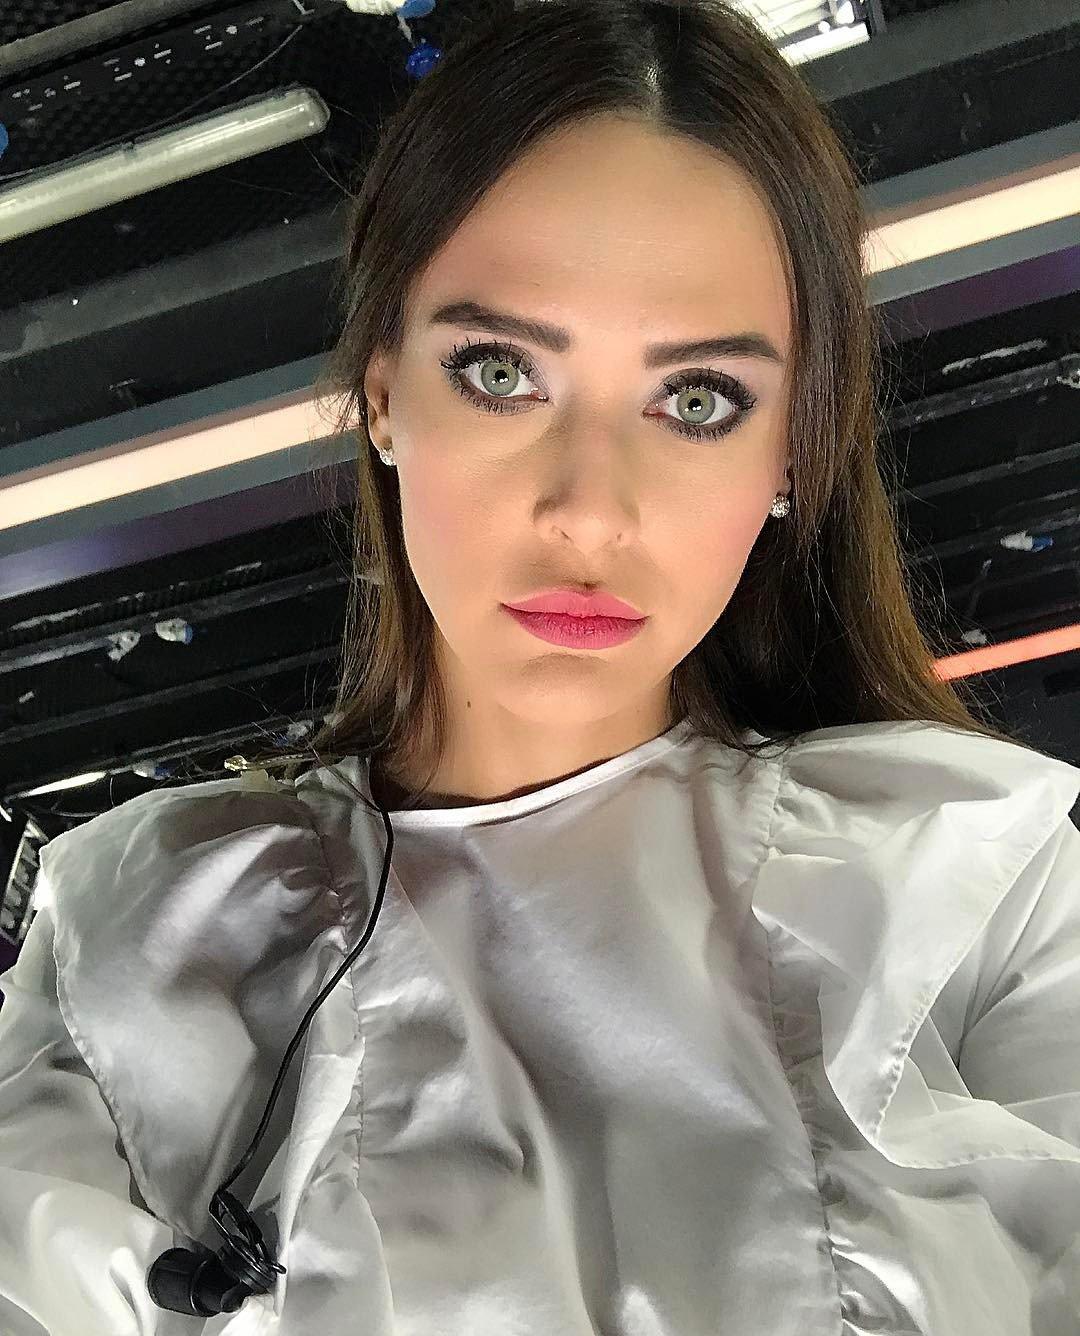 Fatoş Kabasakal (20)